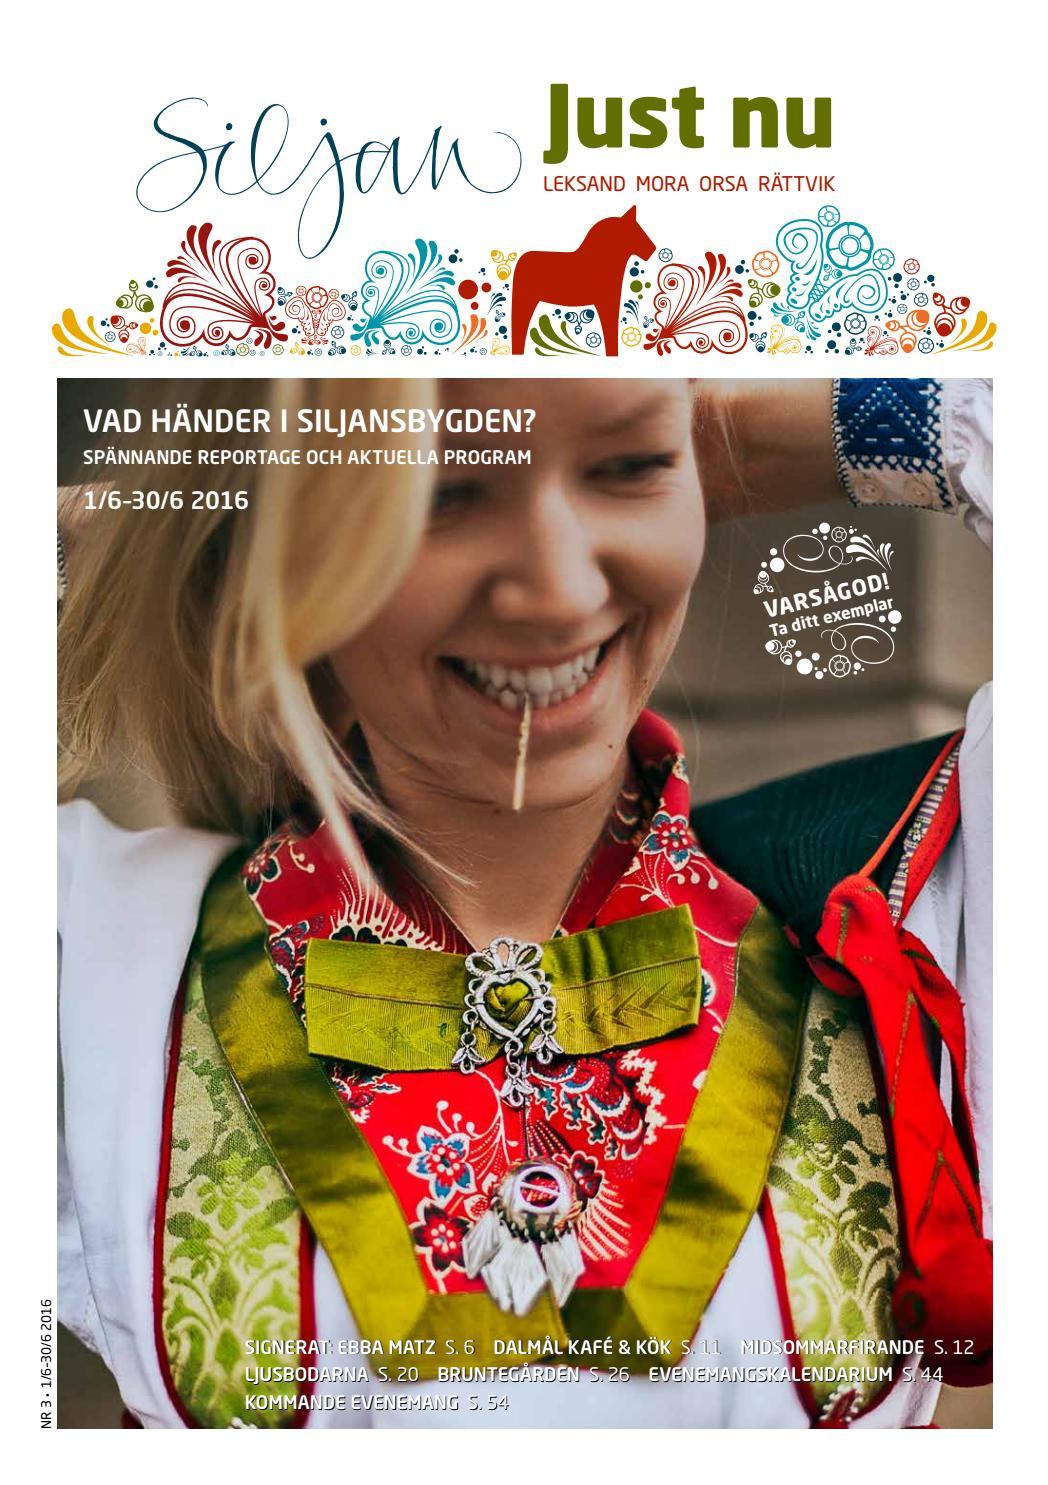 Siljan just nu 5 2016 by siljan turism   issuu